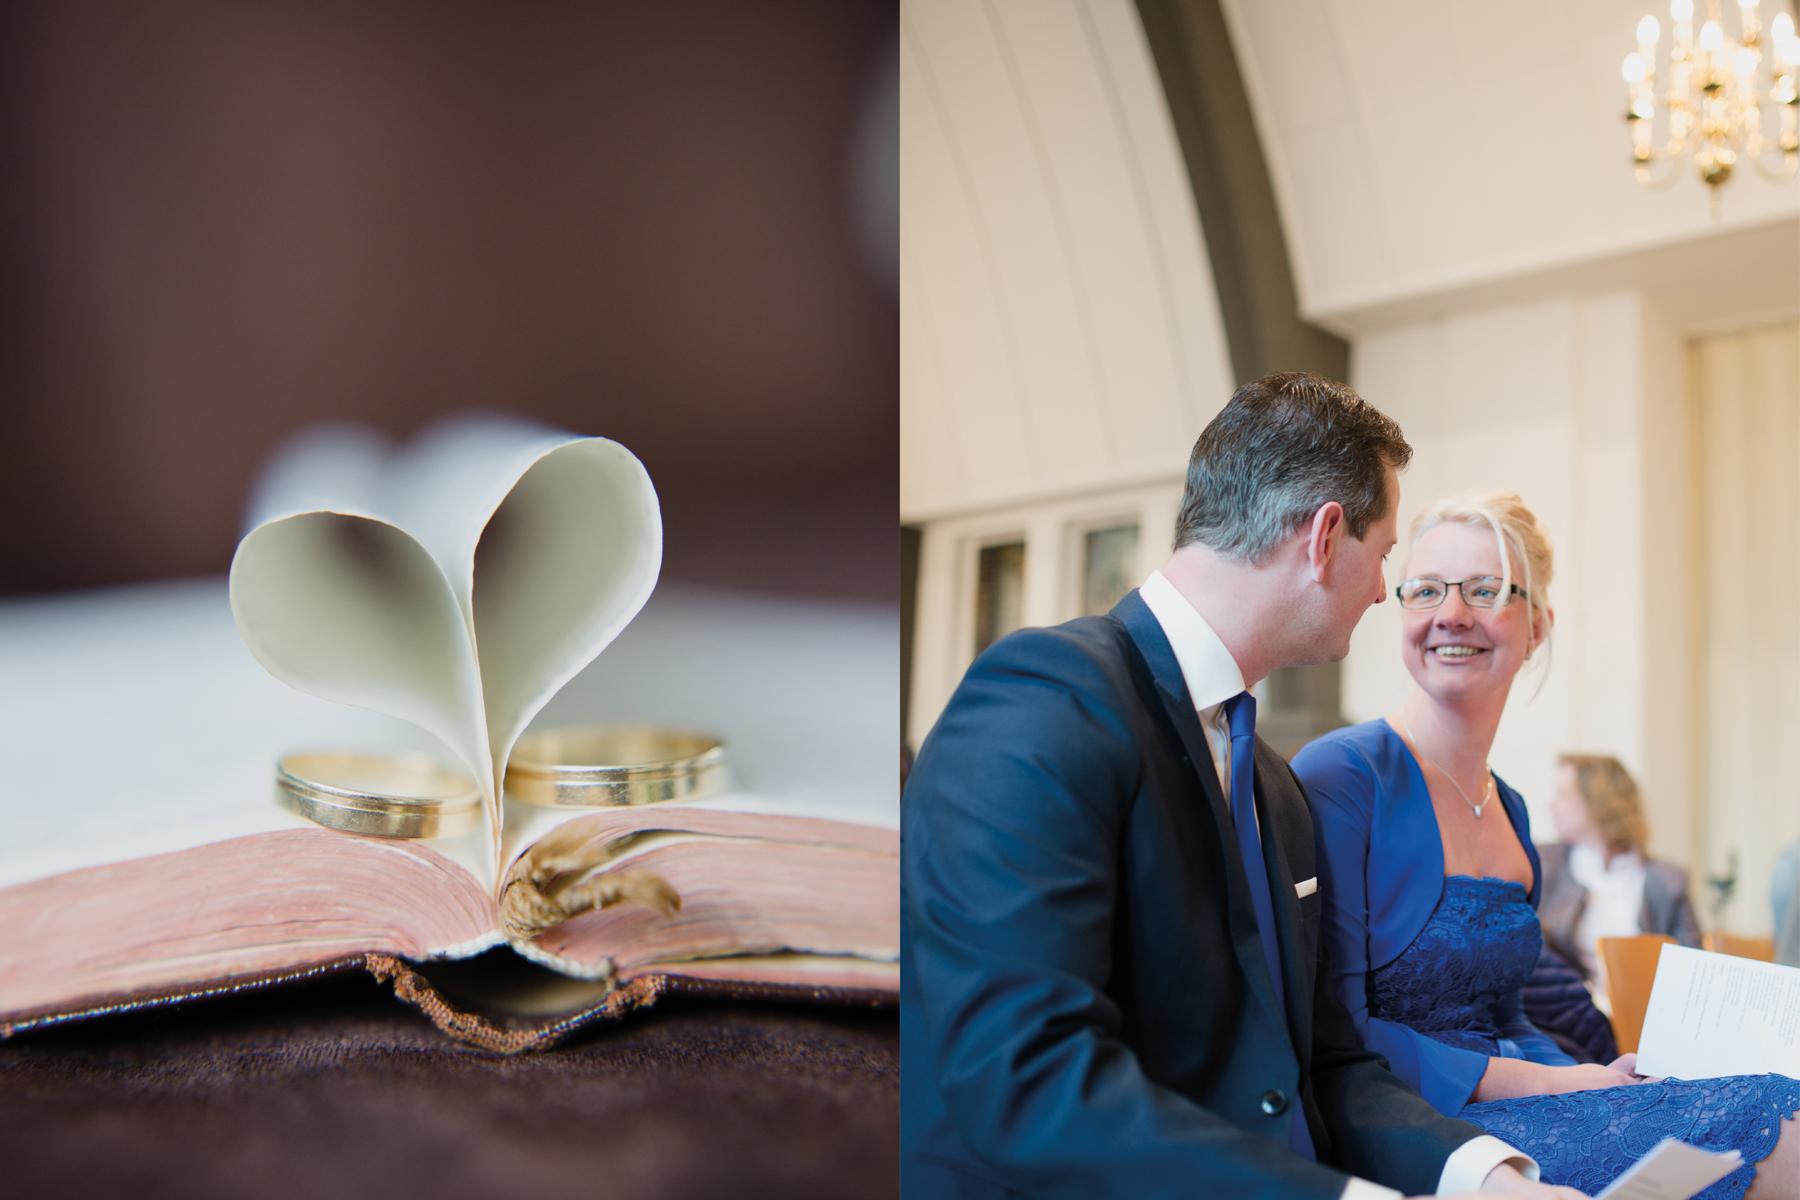 Fotografie van doop, belijdenis en trouwdienst van Janine en Arjen (29 van 55)